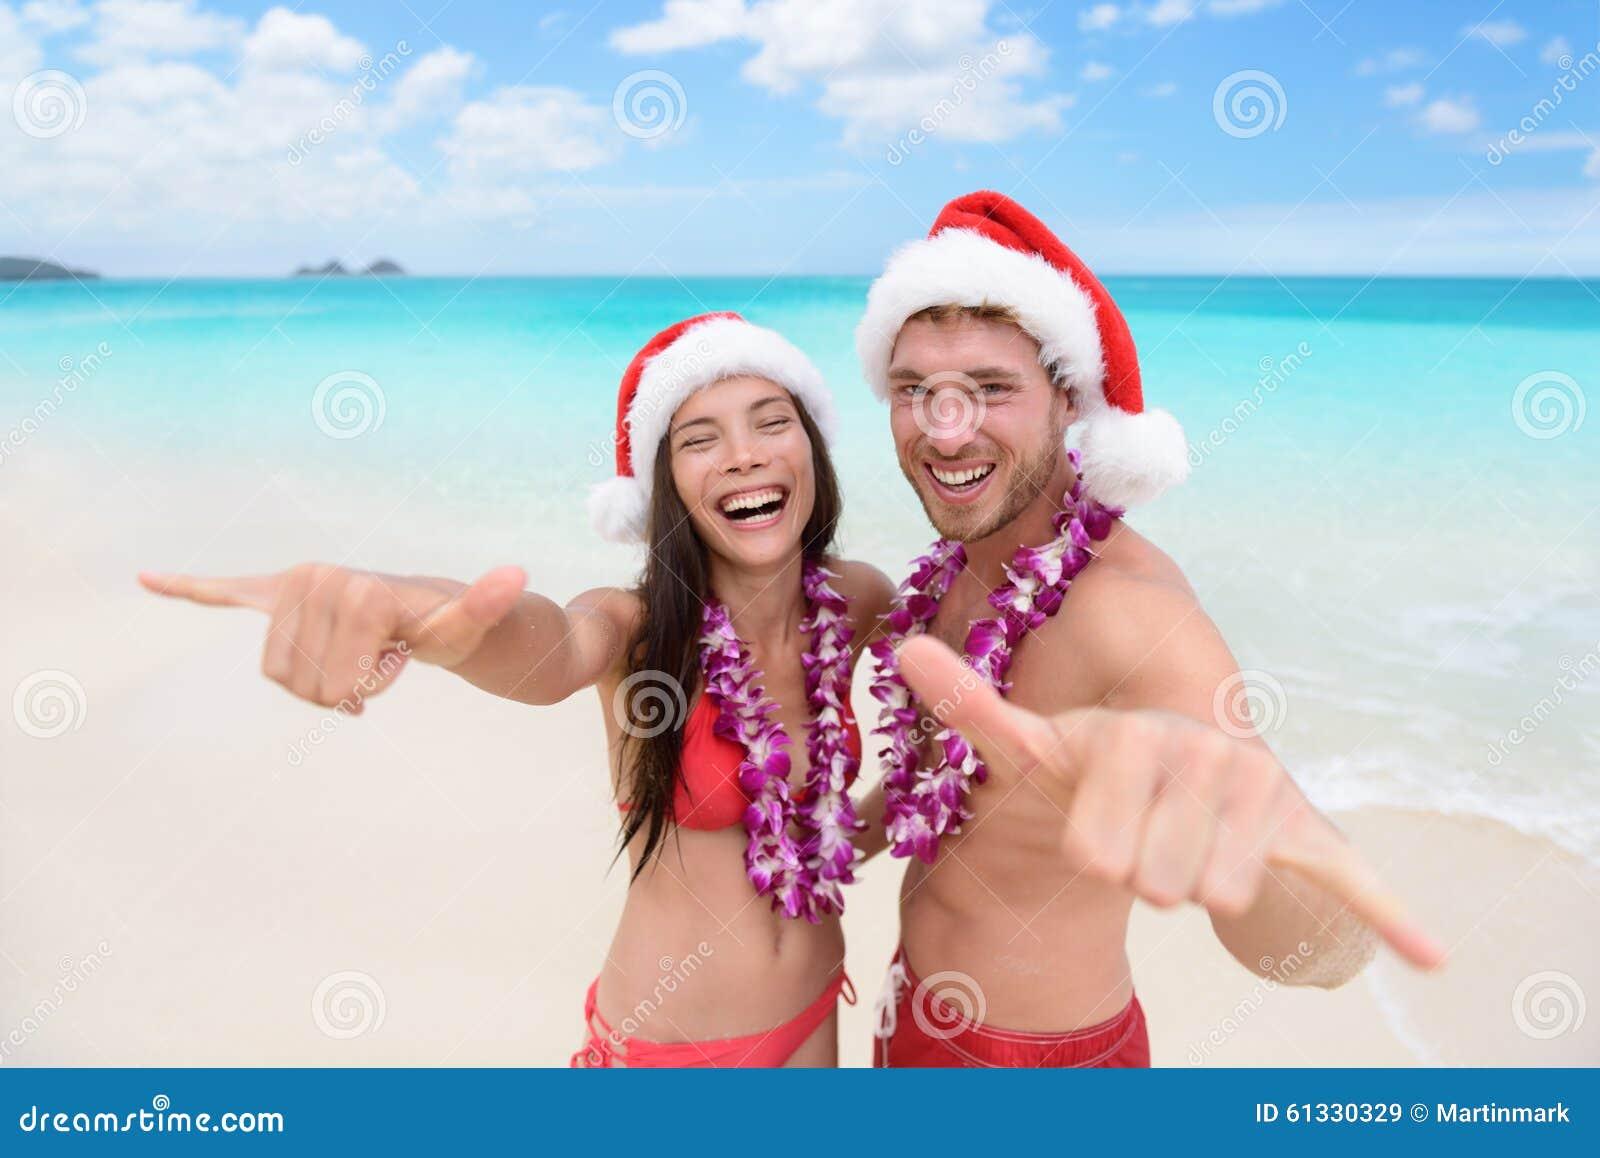 Christmas In Hawaii Images.Christmas Hawaii Vacation Hawaiian Beach Couple Stock